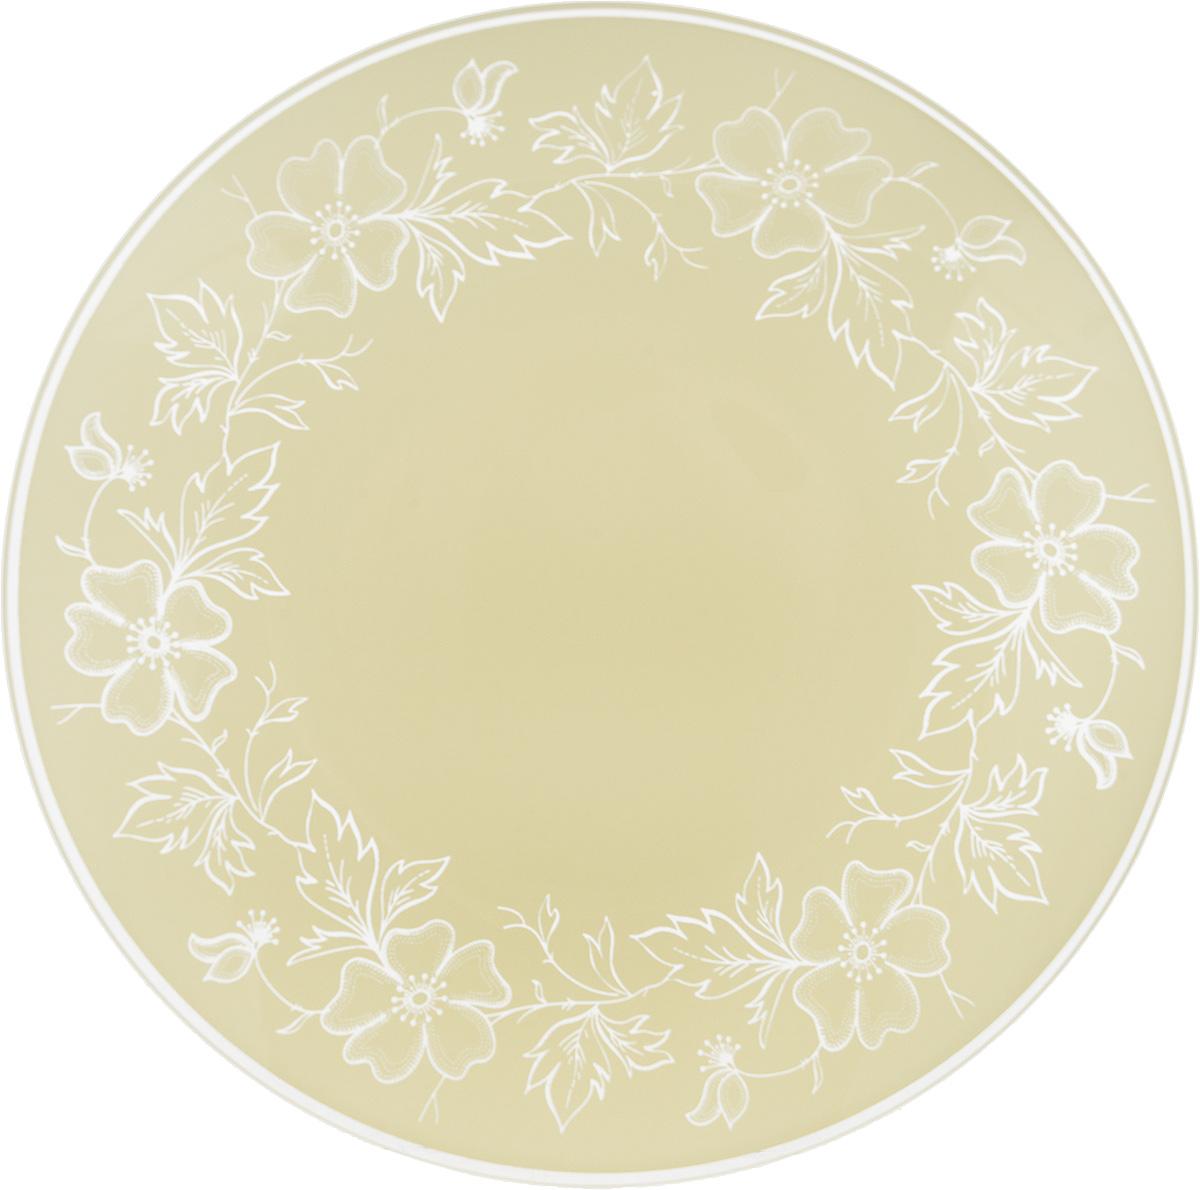 Тарелка NiNaGlass Лара, цвет: светло-бежевый, диаметр 20 см85-200-075/белТарелка NiNaGlass Лара выполнена из высококачественного стекла и оформлена красивым цветочным узором. Тарелка идеальна для подачи вторых блюд, а также сервировки закусок, нарезок, салатов, овощей и фруктов. Она отлично подойдет как для повседневных, так и для торжественных случаев. Такая тарелка прекрасно впишется в интерьер вашей кухни и станет достойным дополнением к кухонному инвентарю.